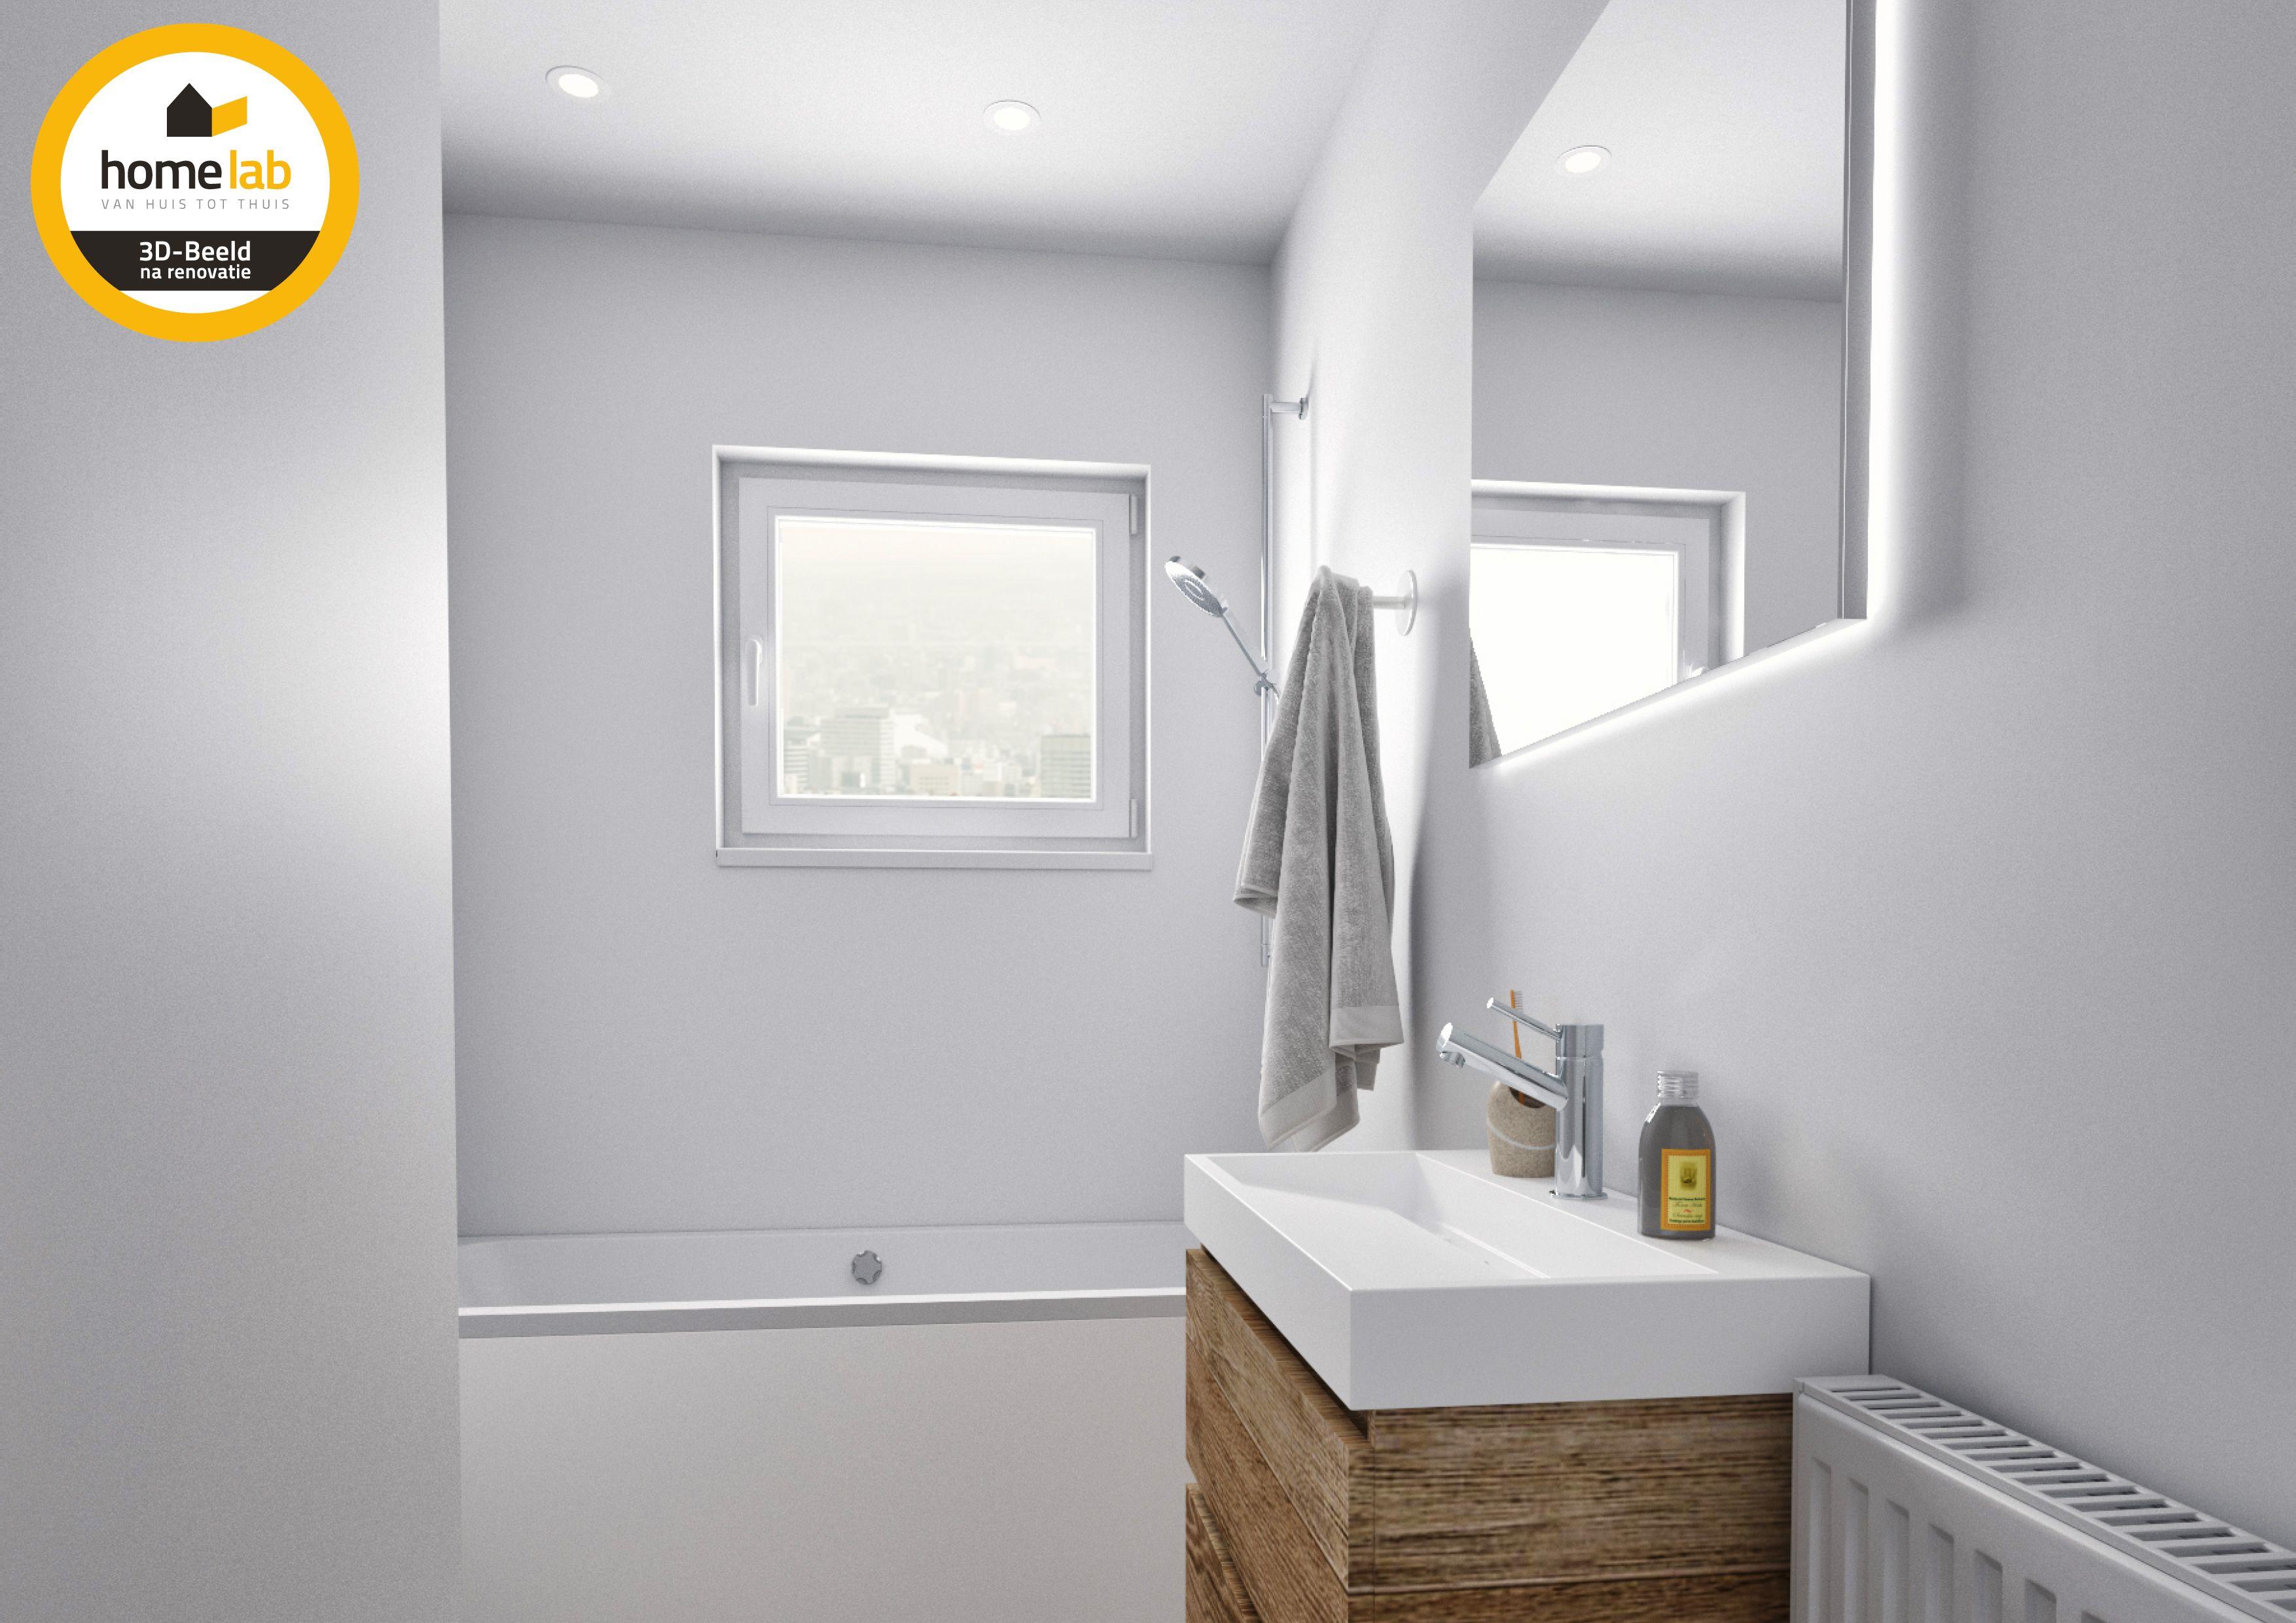 Moderne Witte Badkamer : Moderne witte badkamer met hout afgewerkt homelab